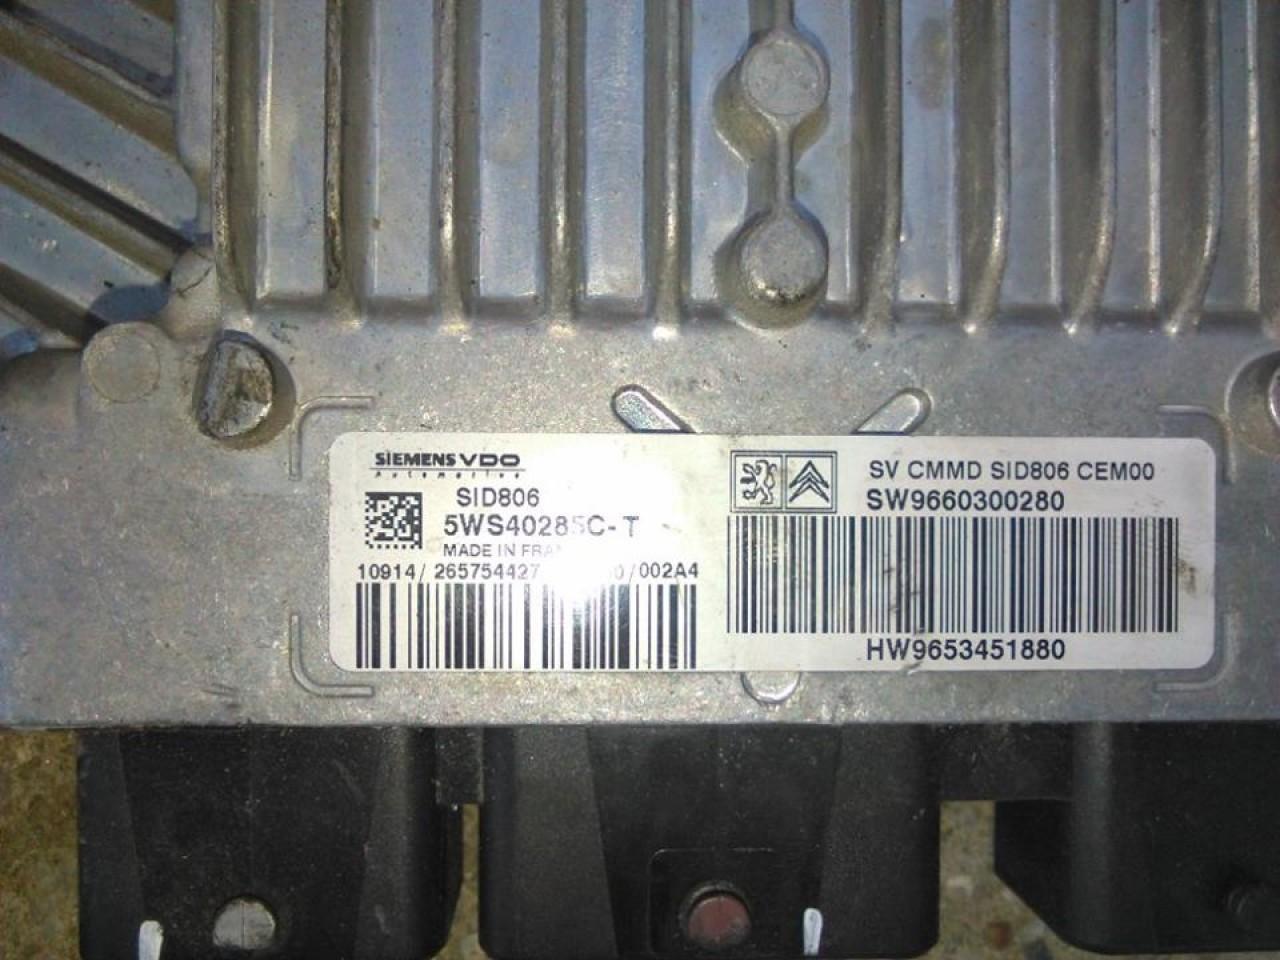 Ecu cod 5ws4028c-t 9660300280 citroen c3 1.4 hdi injectie simenes